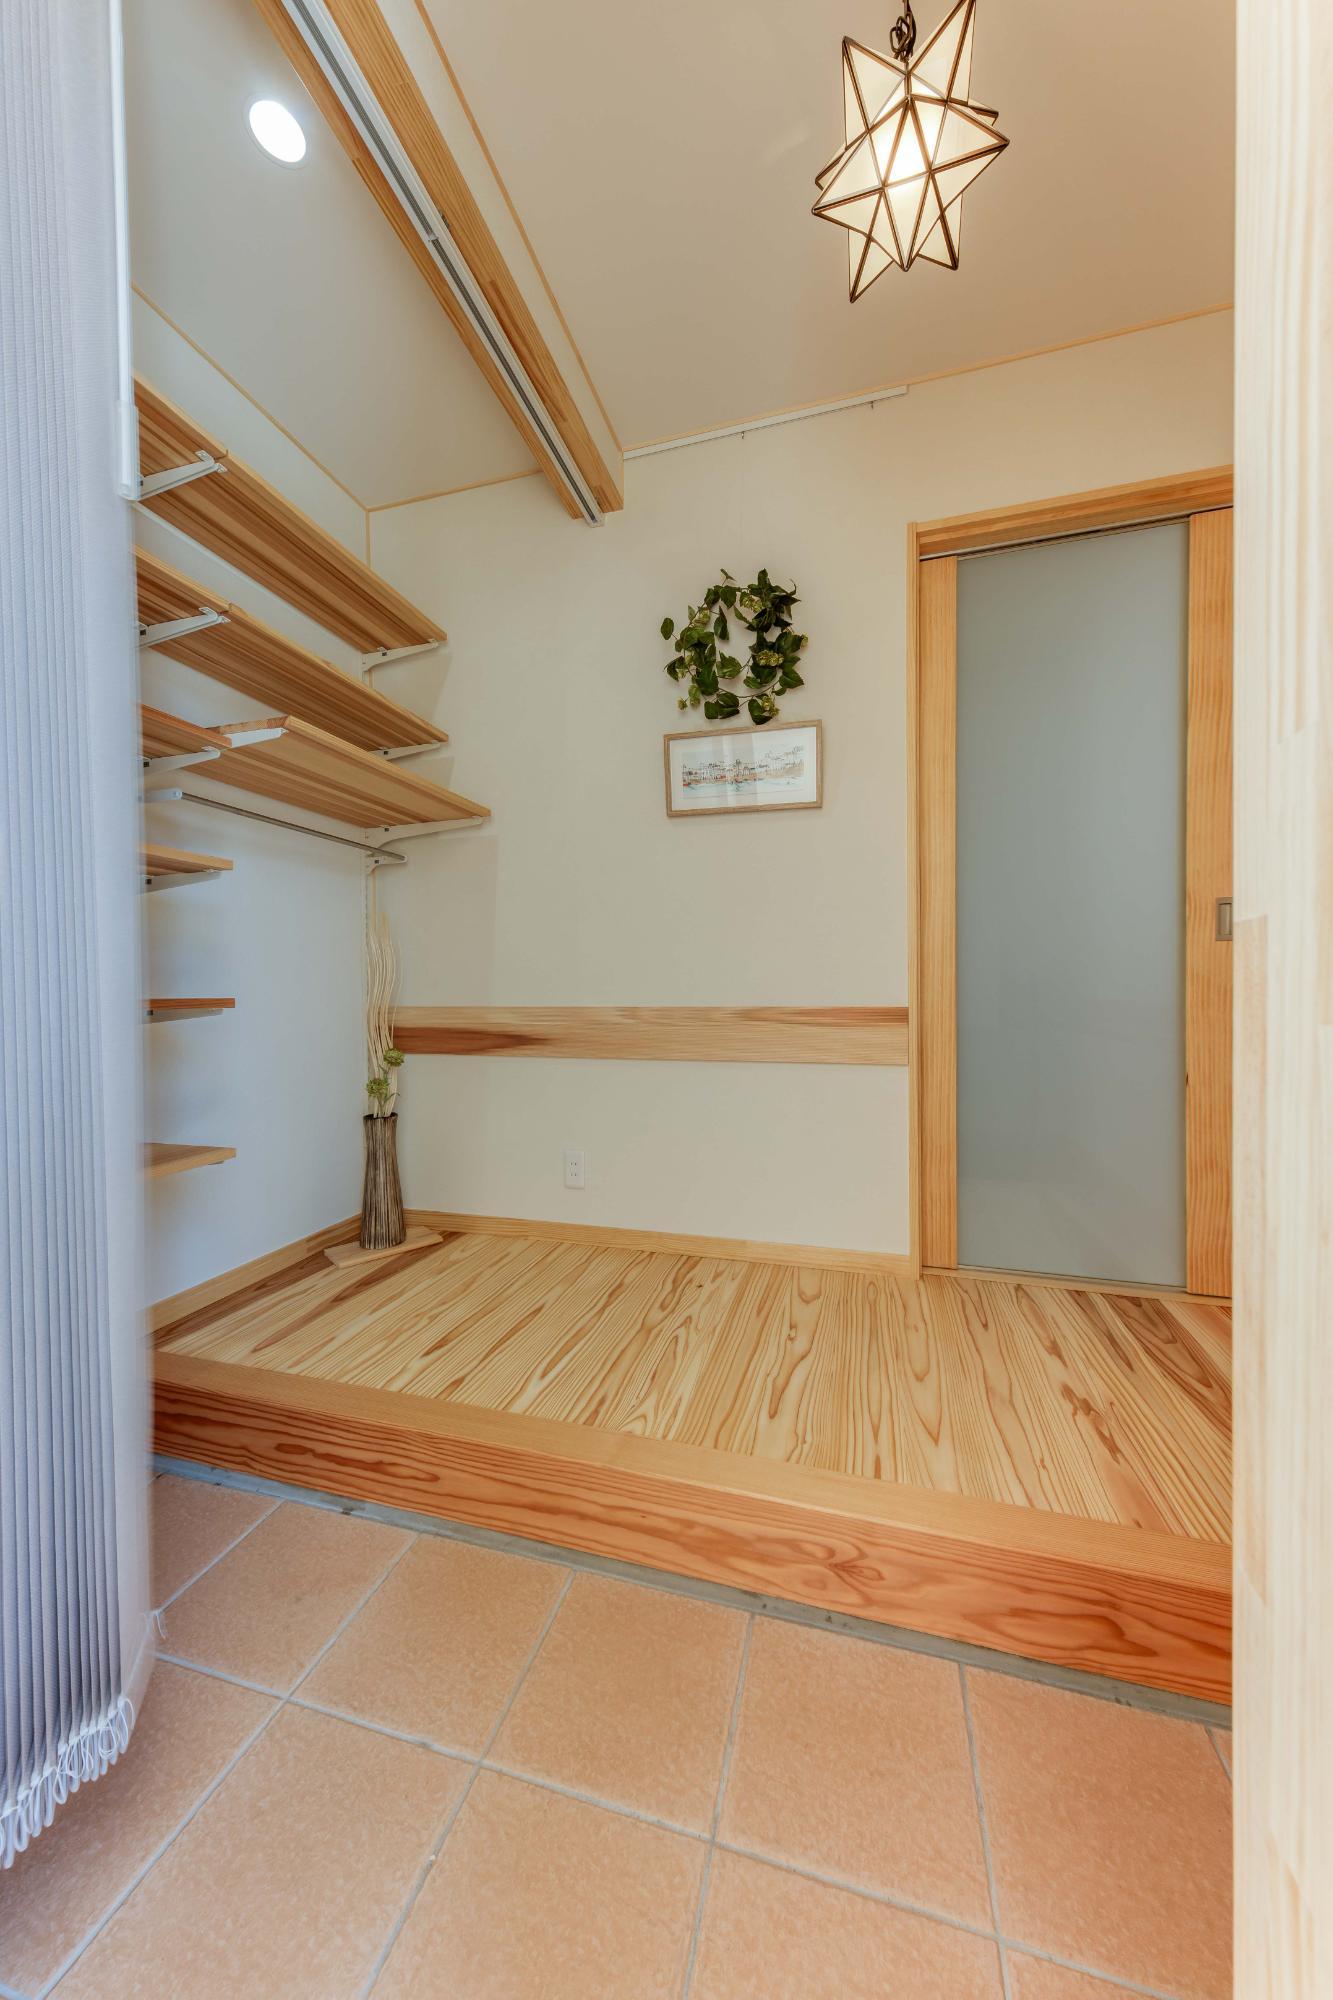 自然派ライフ住宅設計㈱「家族が元気に暮らせる省エネの家」の実例写真